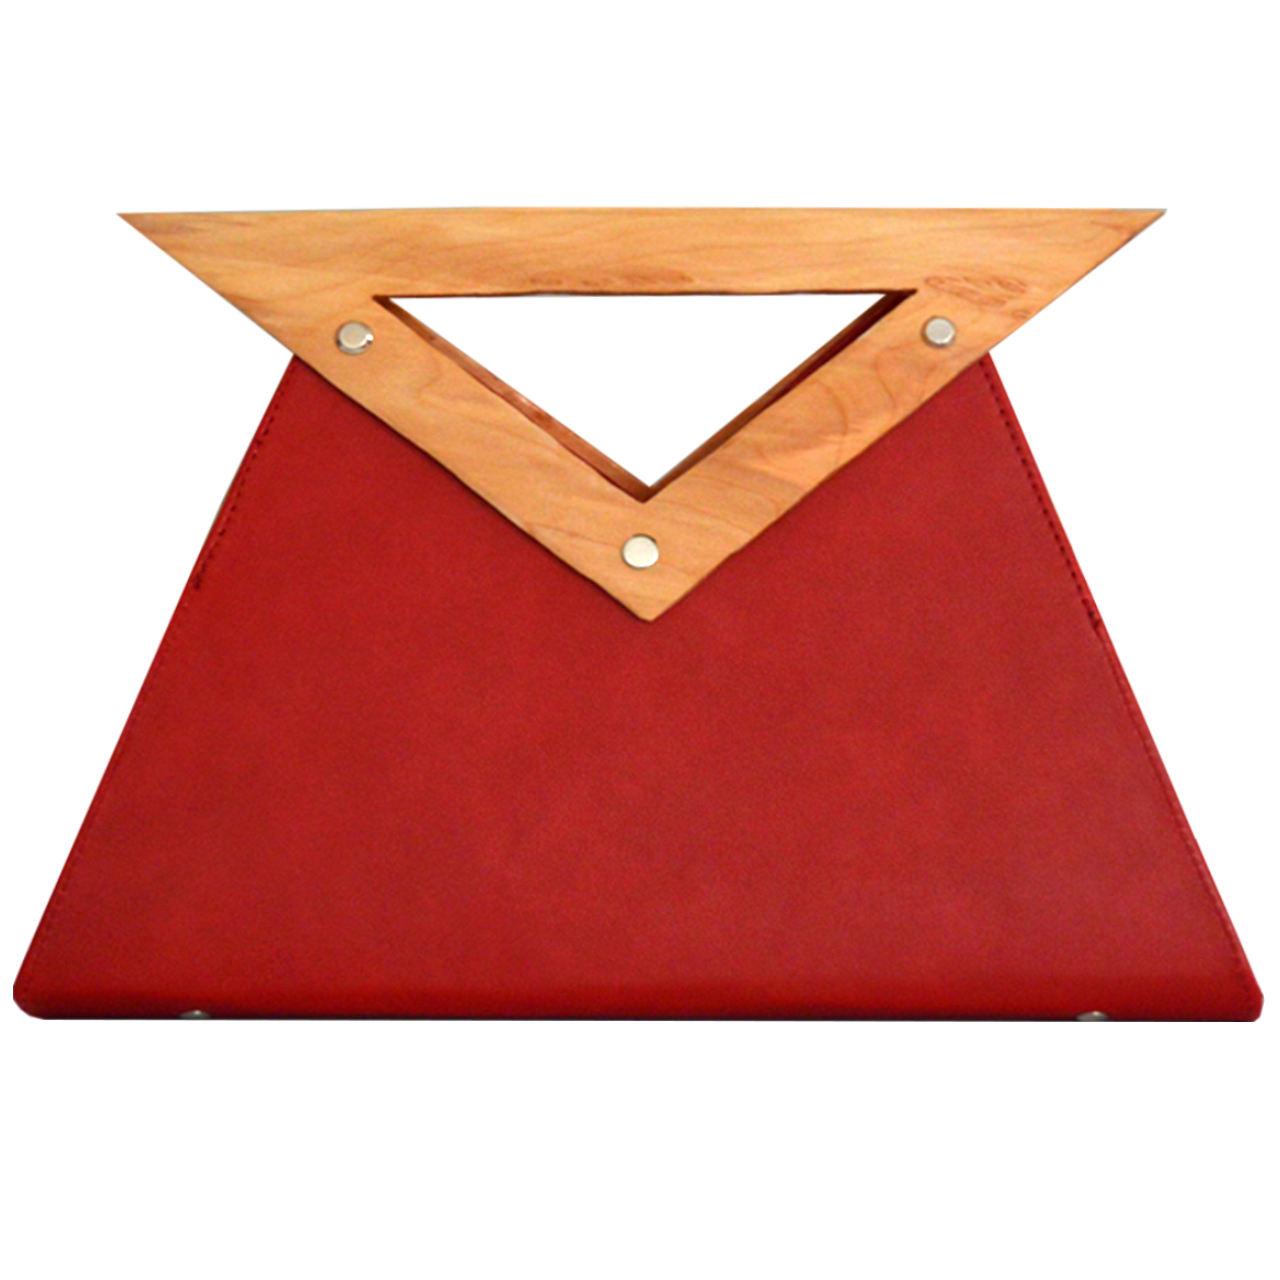 کیف زنانه دالاوین مدل دسته چوبی -  - 6